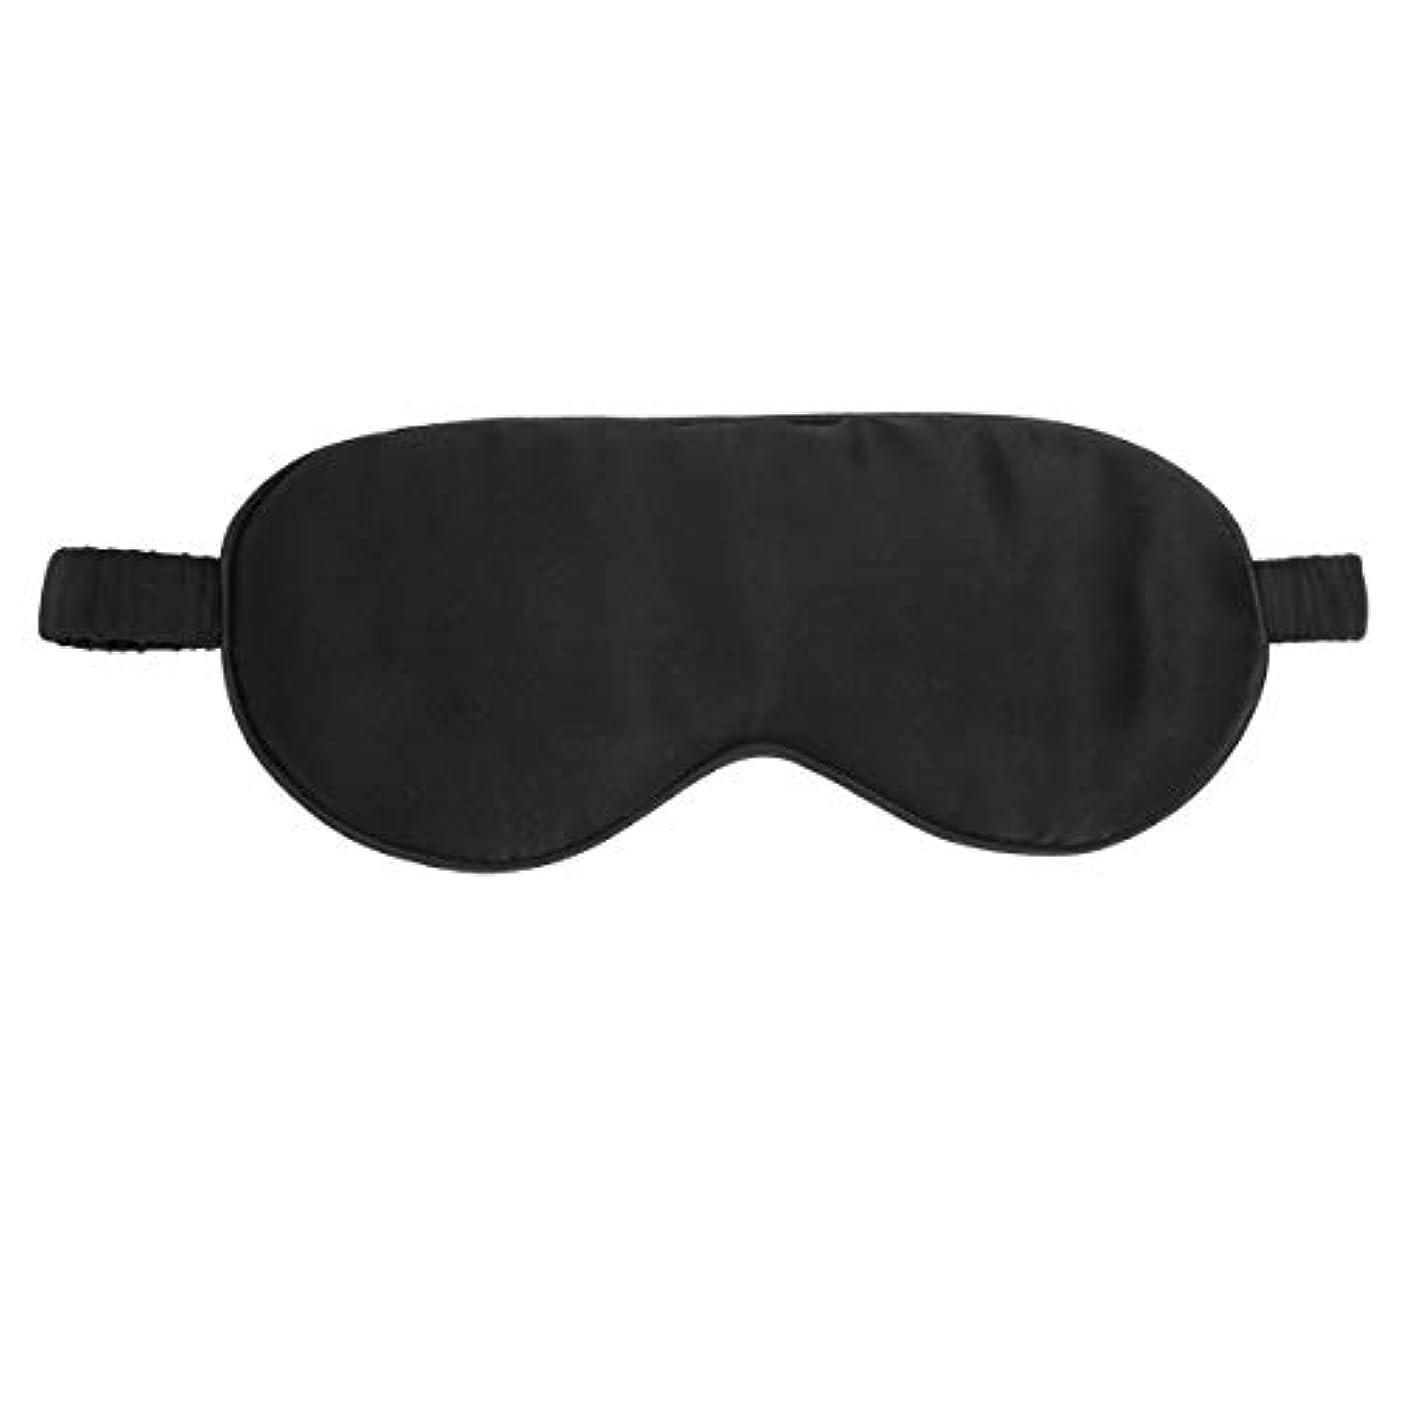 まだ鬼ごっこ差別化するSUPVOX アイマスク 安眠アイマスク 睡眠 遮光 マスク シルク 圧迫感なし 目に優しい 軽量 旅行 飛行機 疲労回復 男女兼用